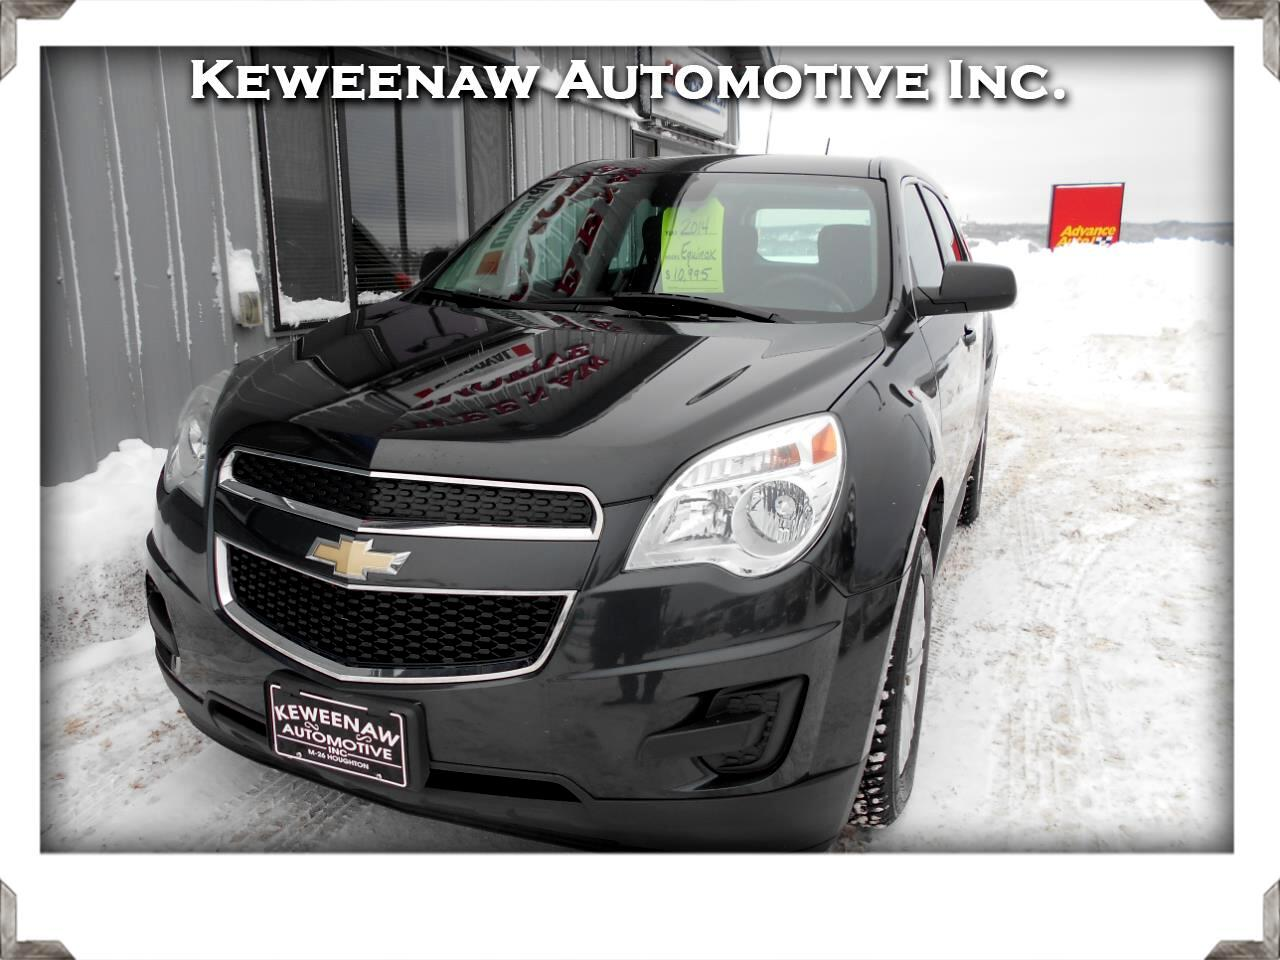 Chevrolet Equinox FWD 4dr LS 2014